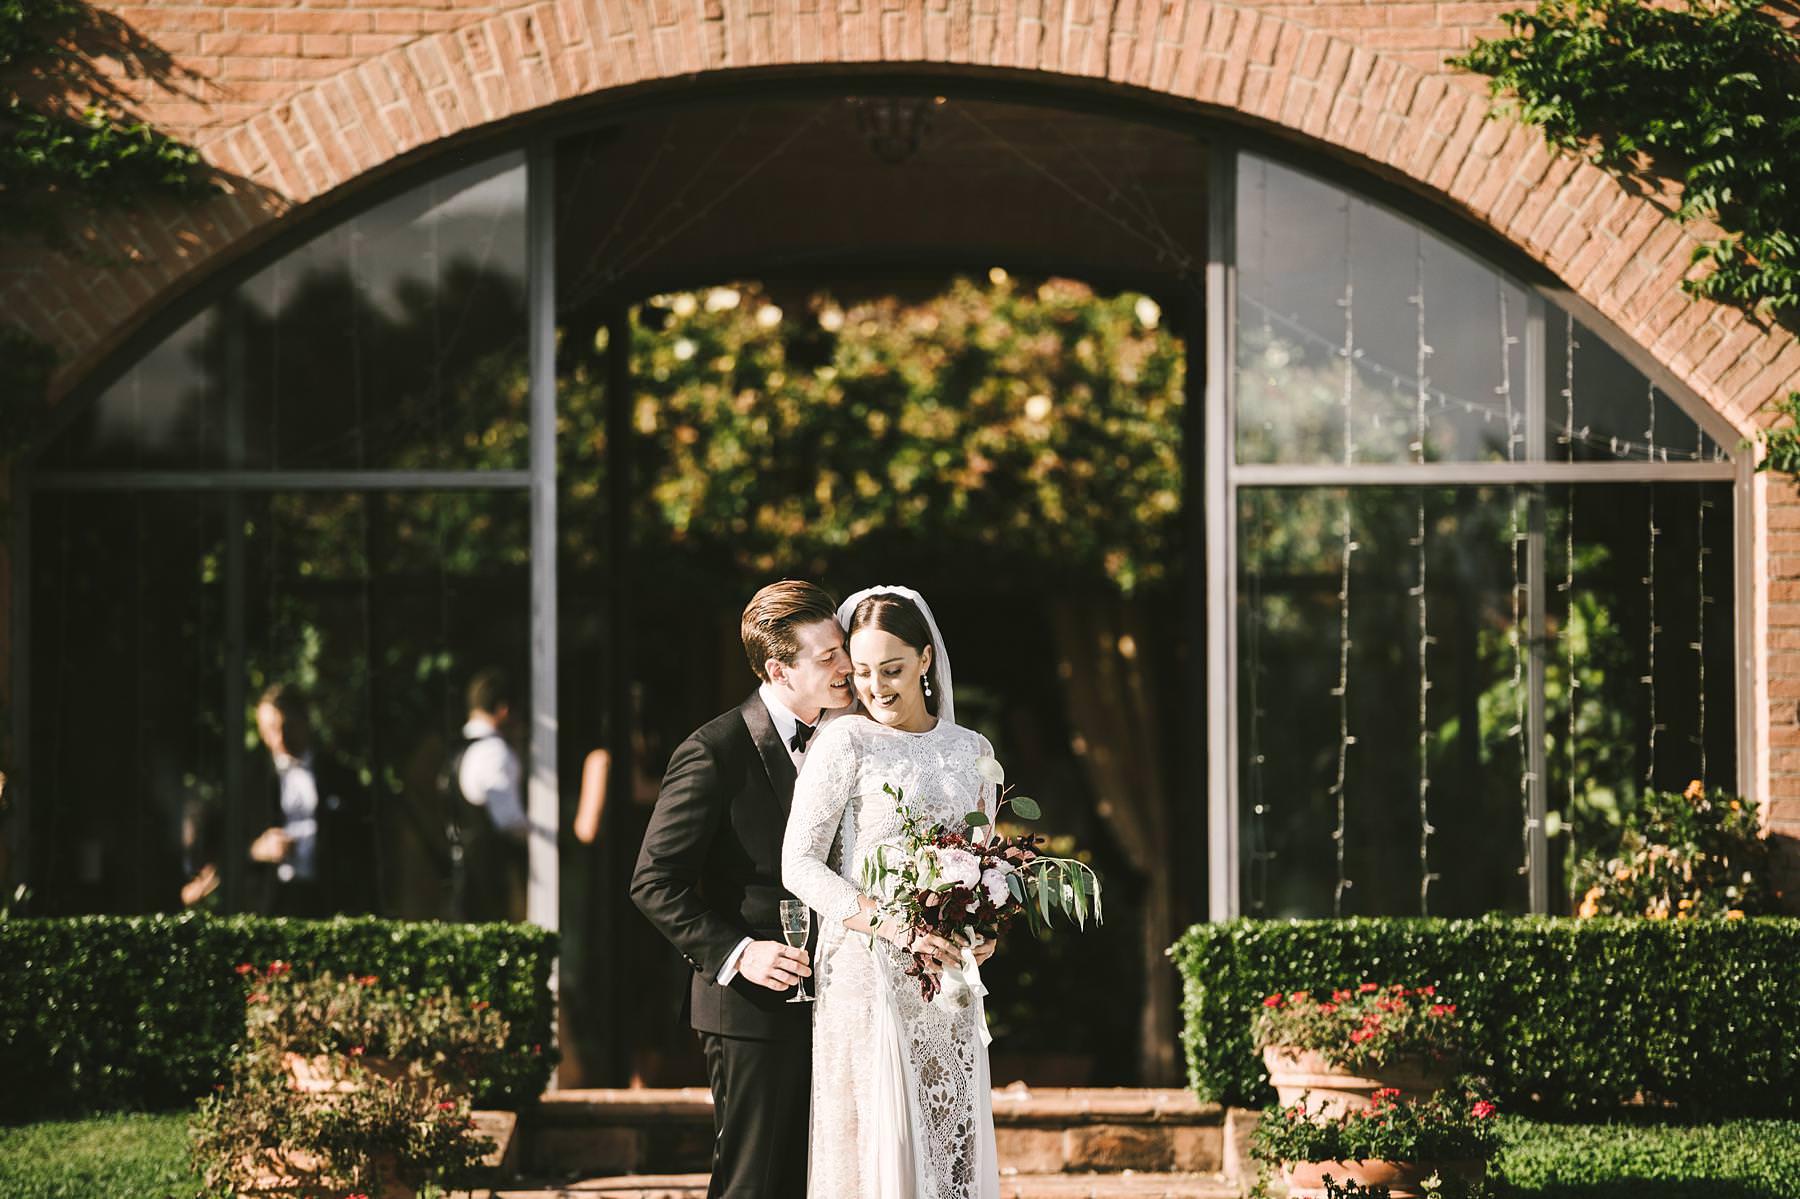 Bride and groom wedding portrait. Elegant intimate destination symbolic wedding in Umbria